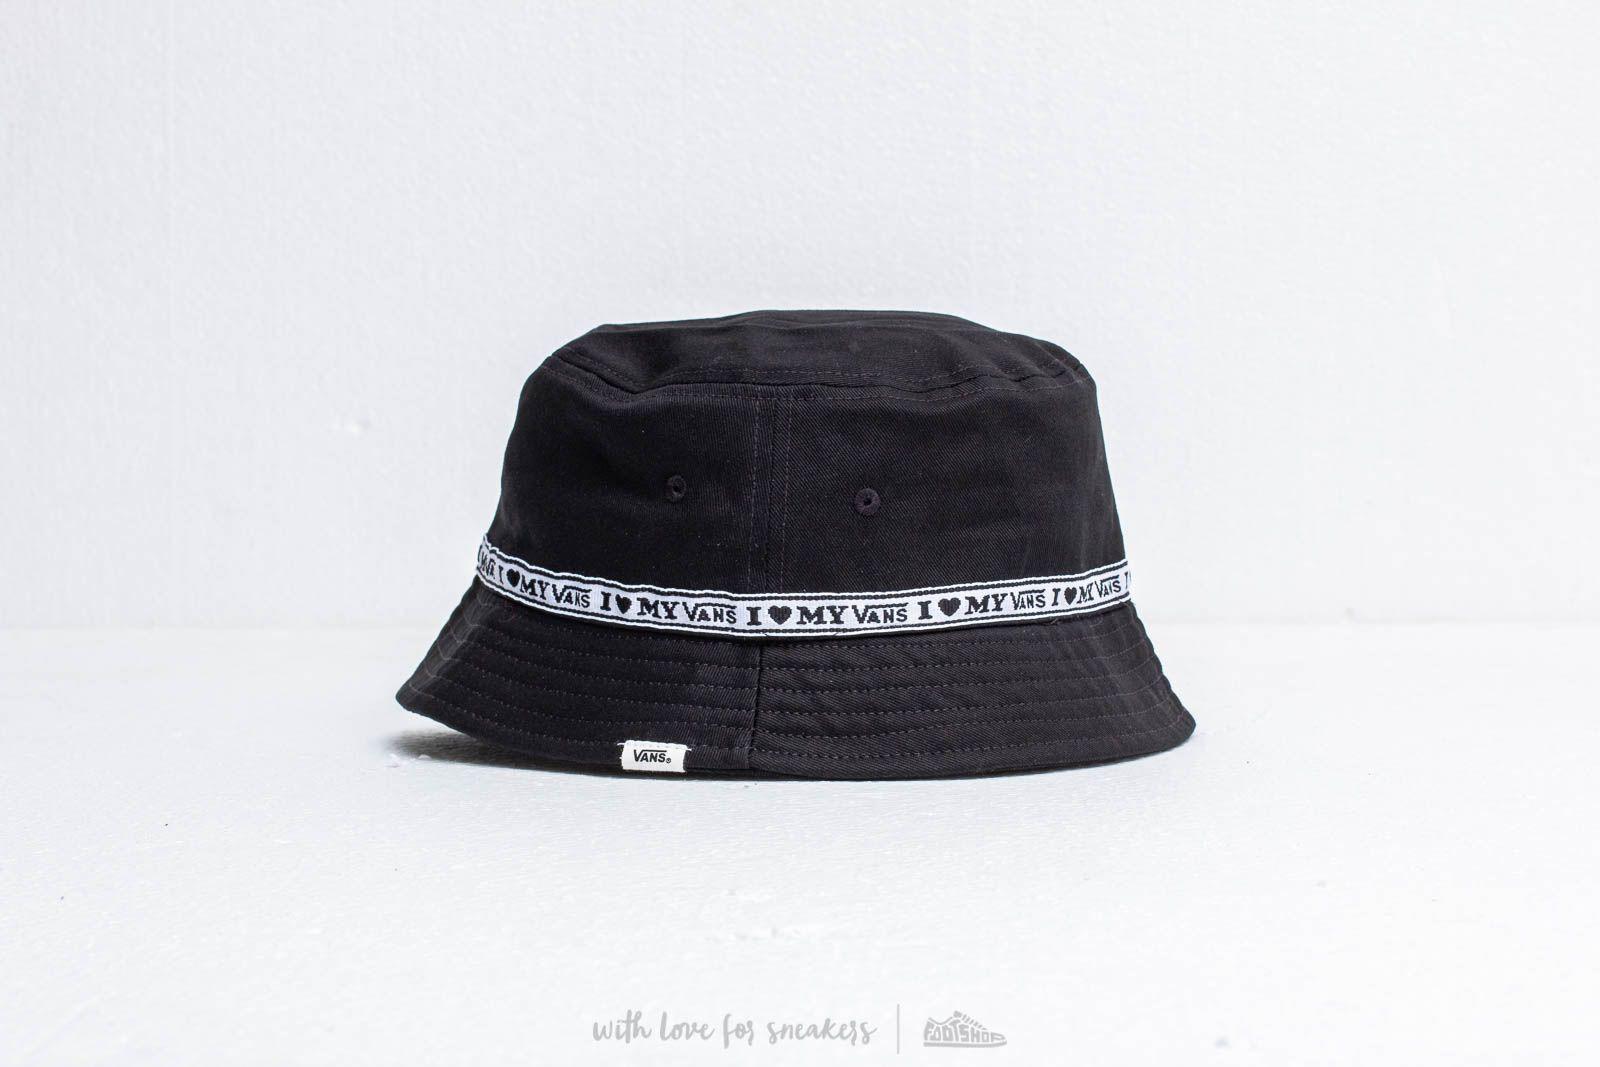 bc354cede1 Vans In A Daze Bucket Hat Black  Love